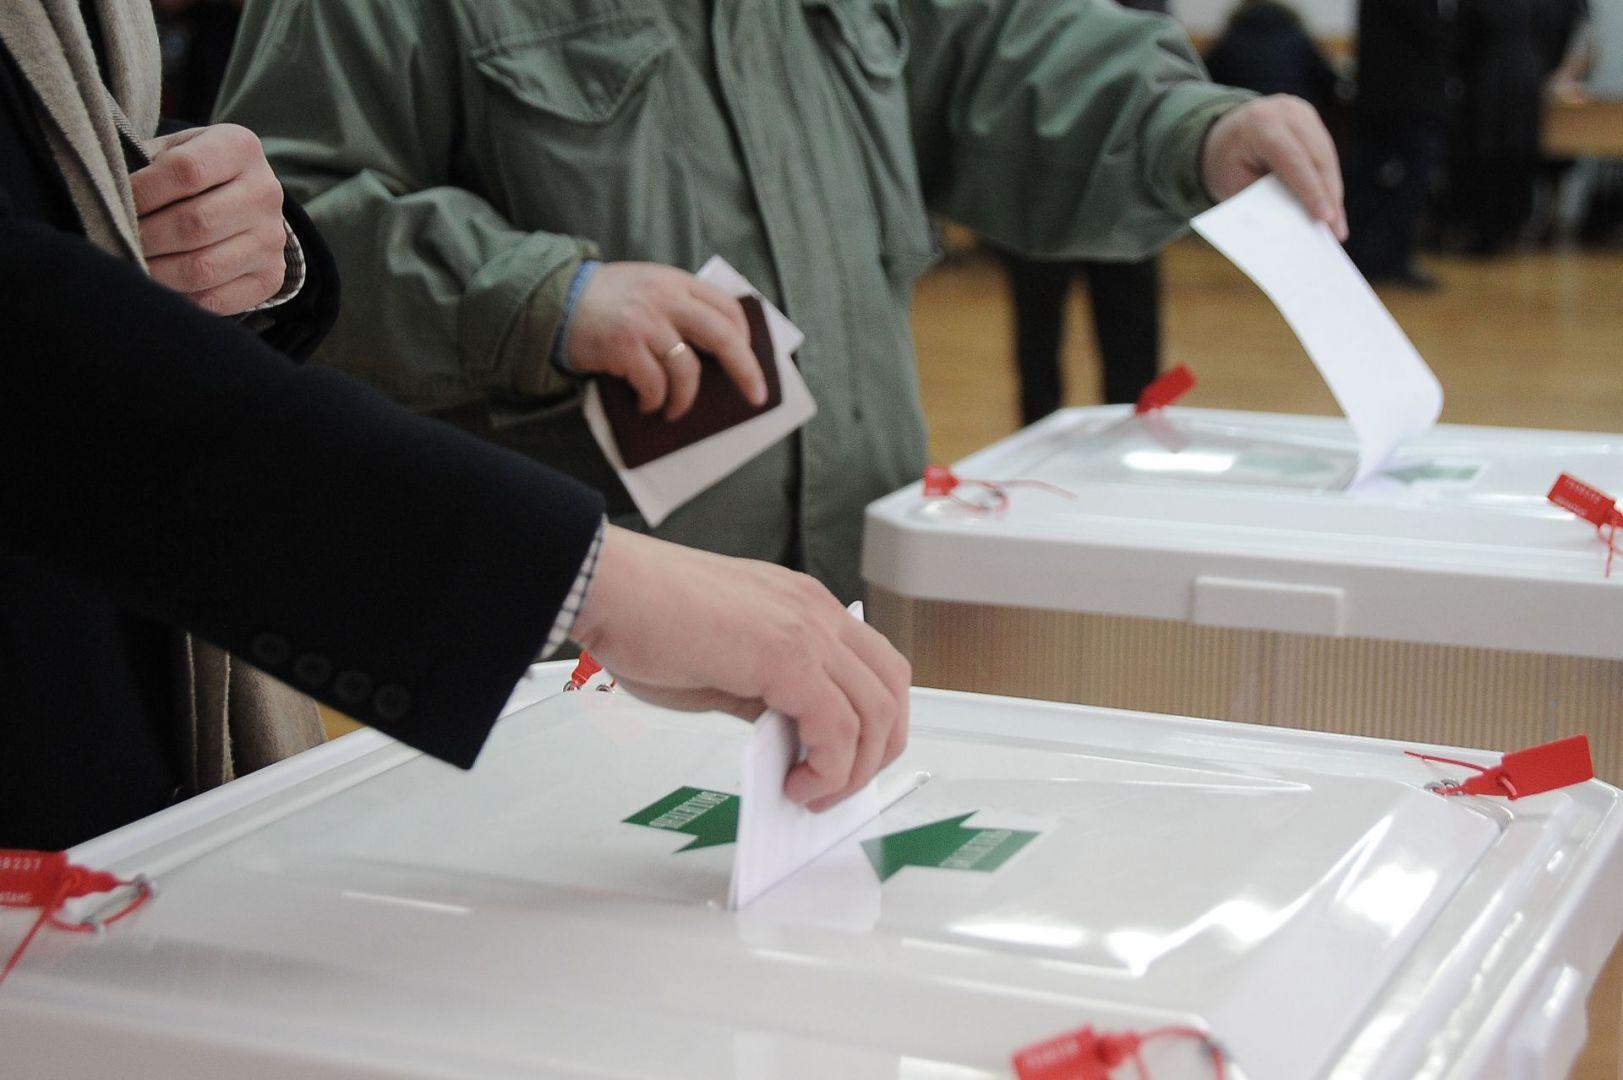 Специалисты назвали регионы, вкоторых явка навыборы президента составит приблизительно 100%